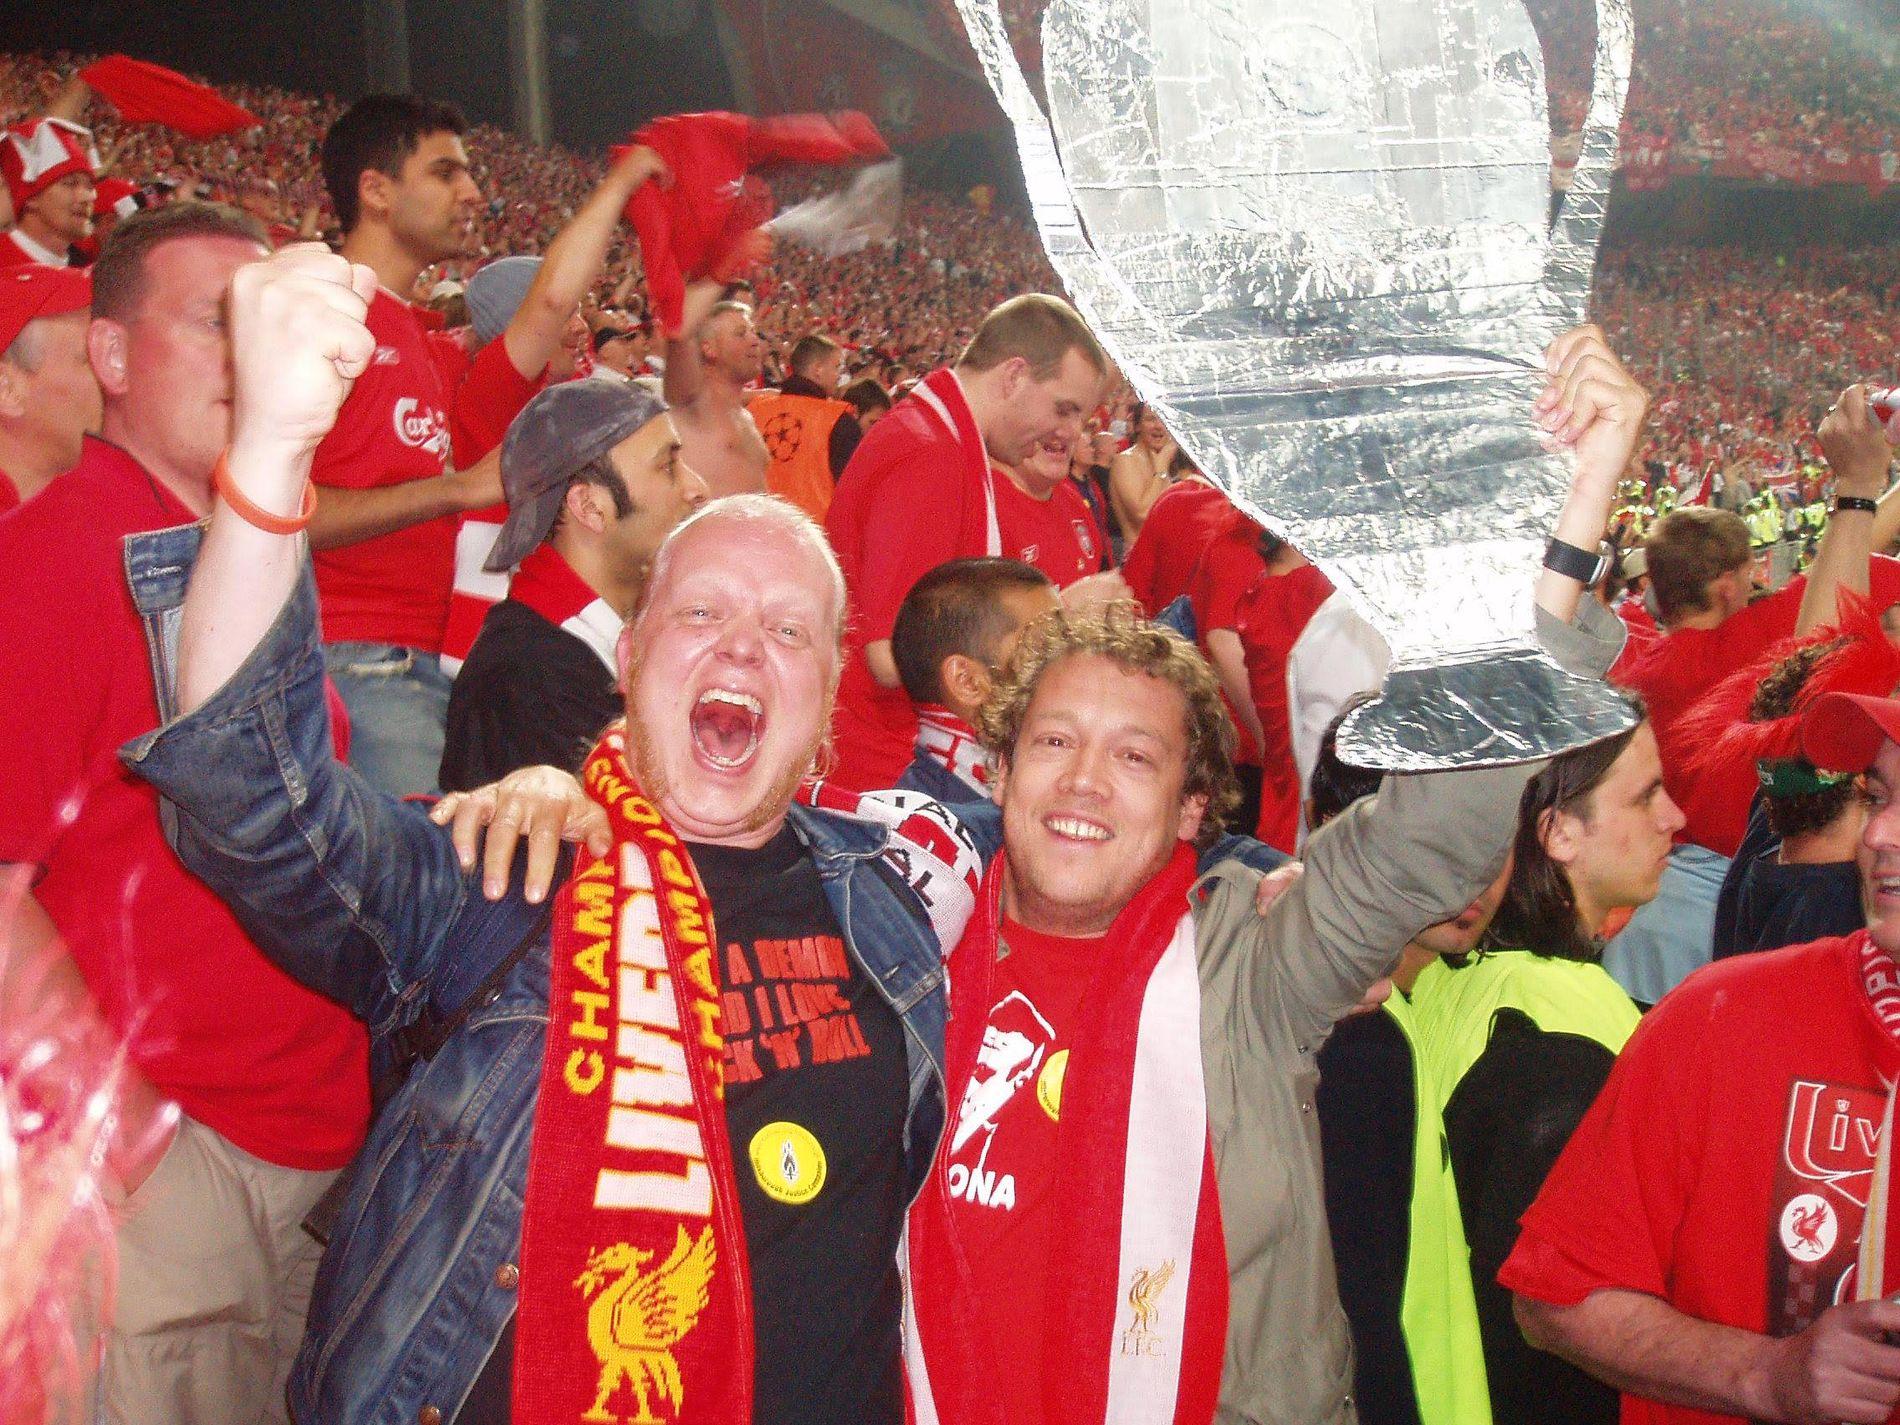 MESTERLIGAEN: Mens noen blir grinete om lille Liverpool slår giganten Real Madrid i kveldens finale, kommer andre, som kronikkforfatteren og kameraten hans Joachim, til å gå bananas.